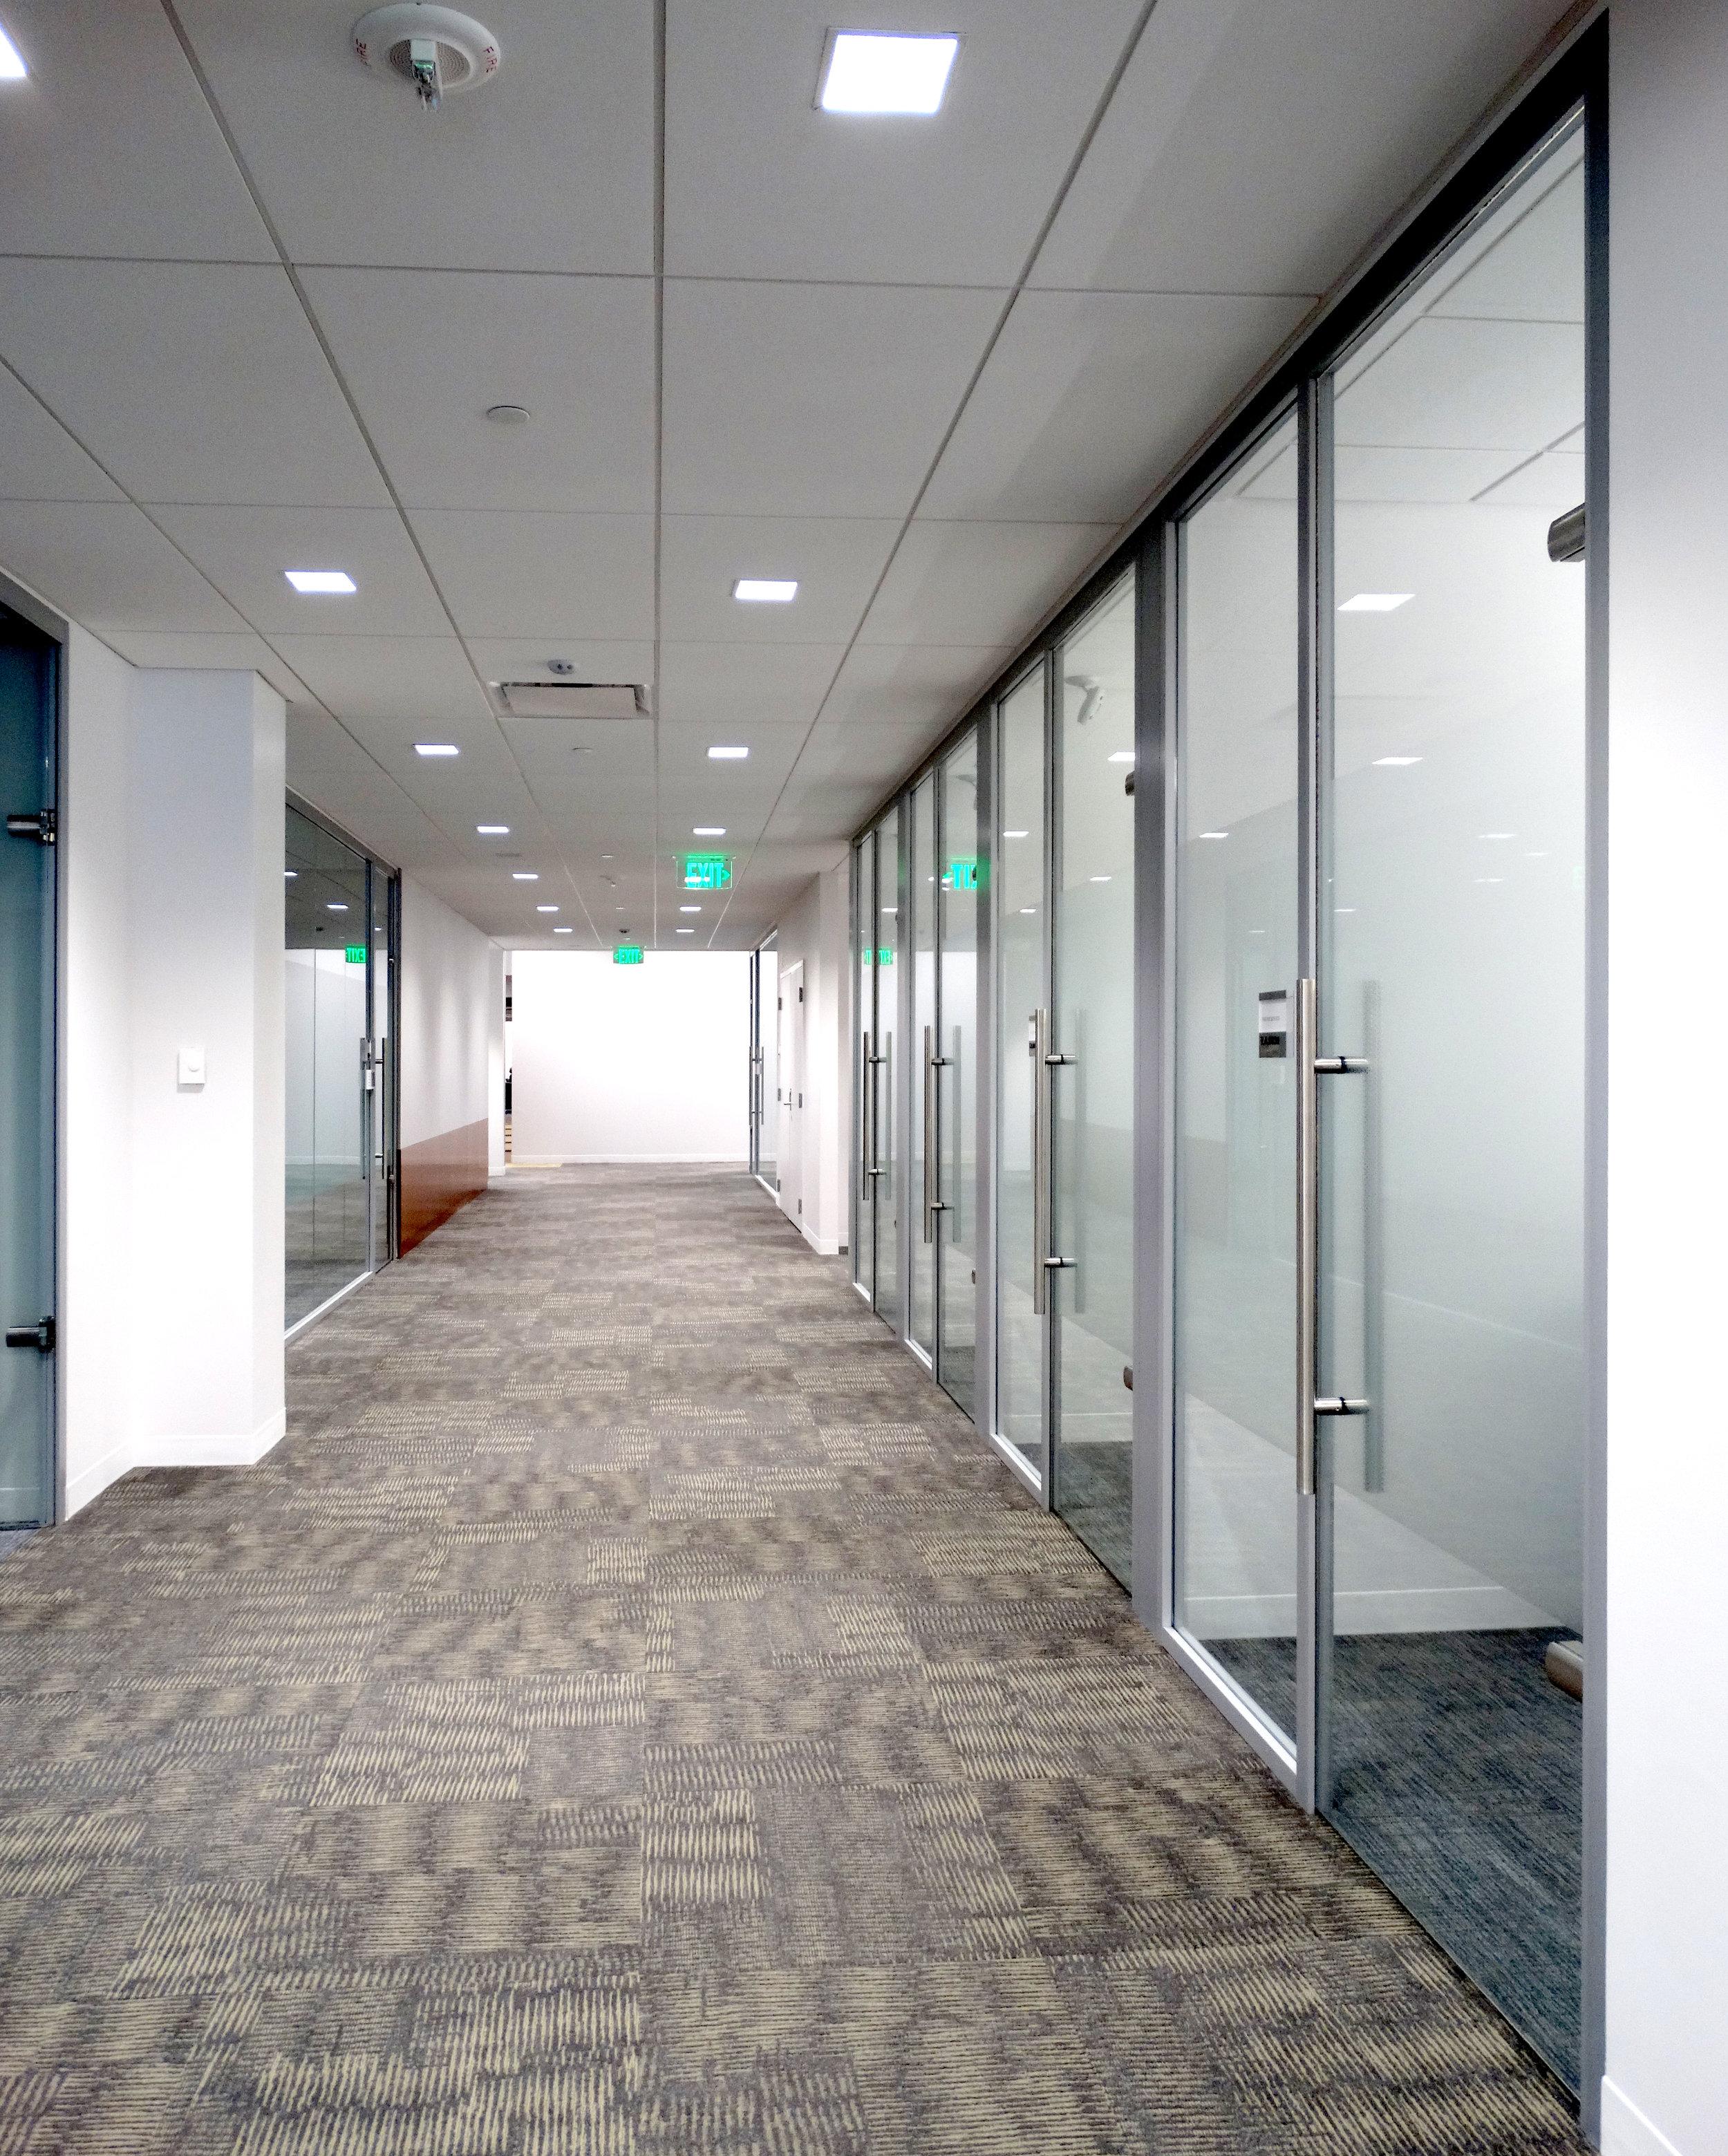 Litespace Frameless Glass Swing Door Offices - Spaceworks AI.jpg